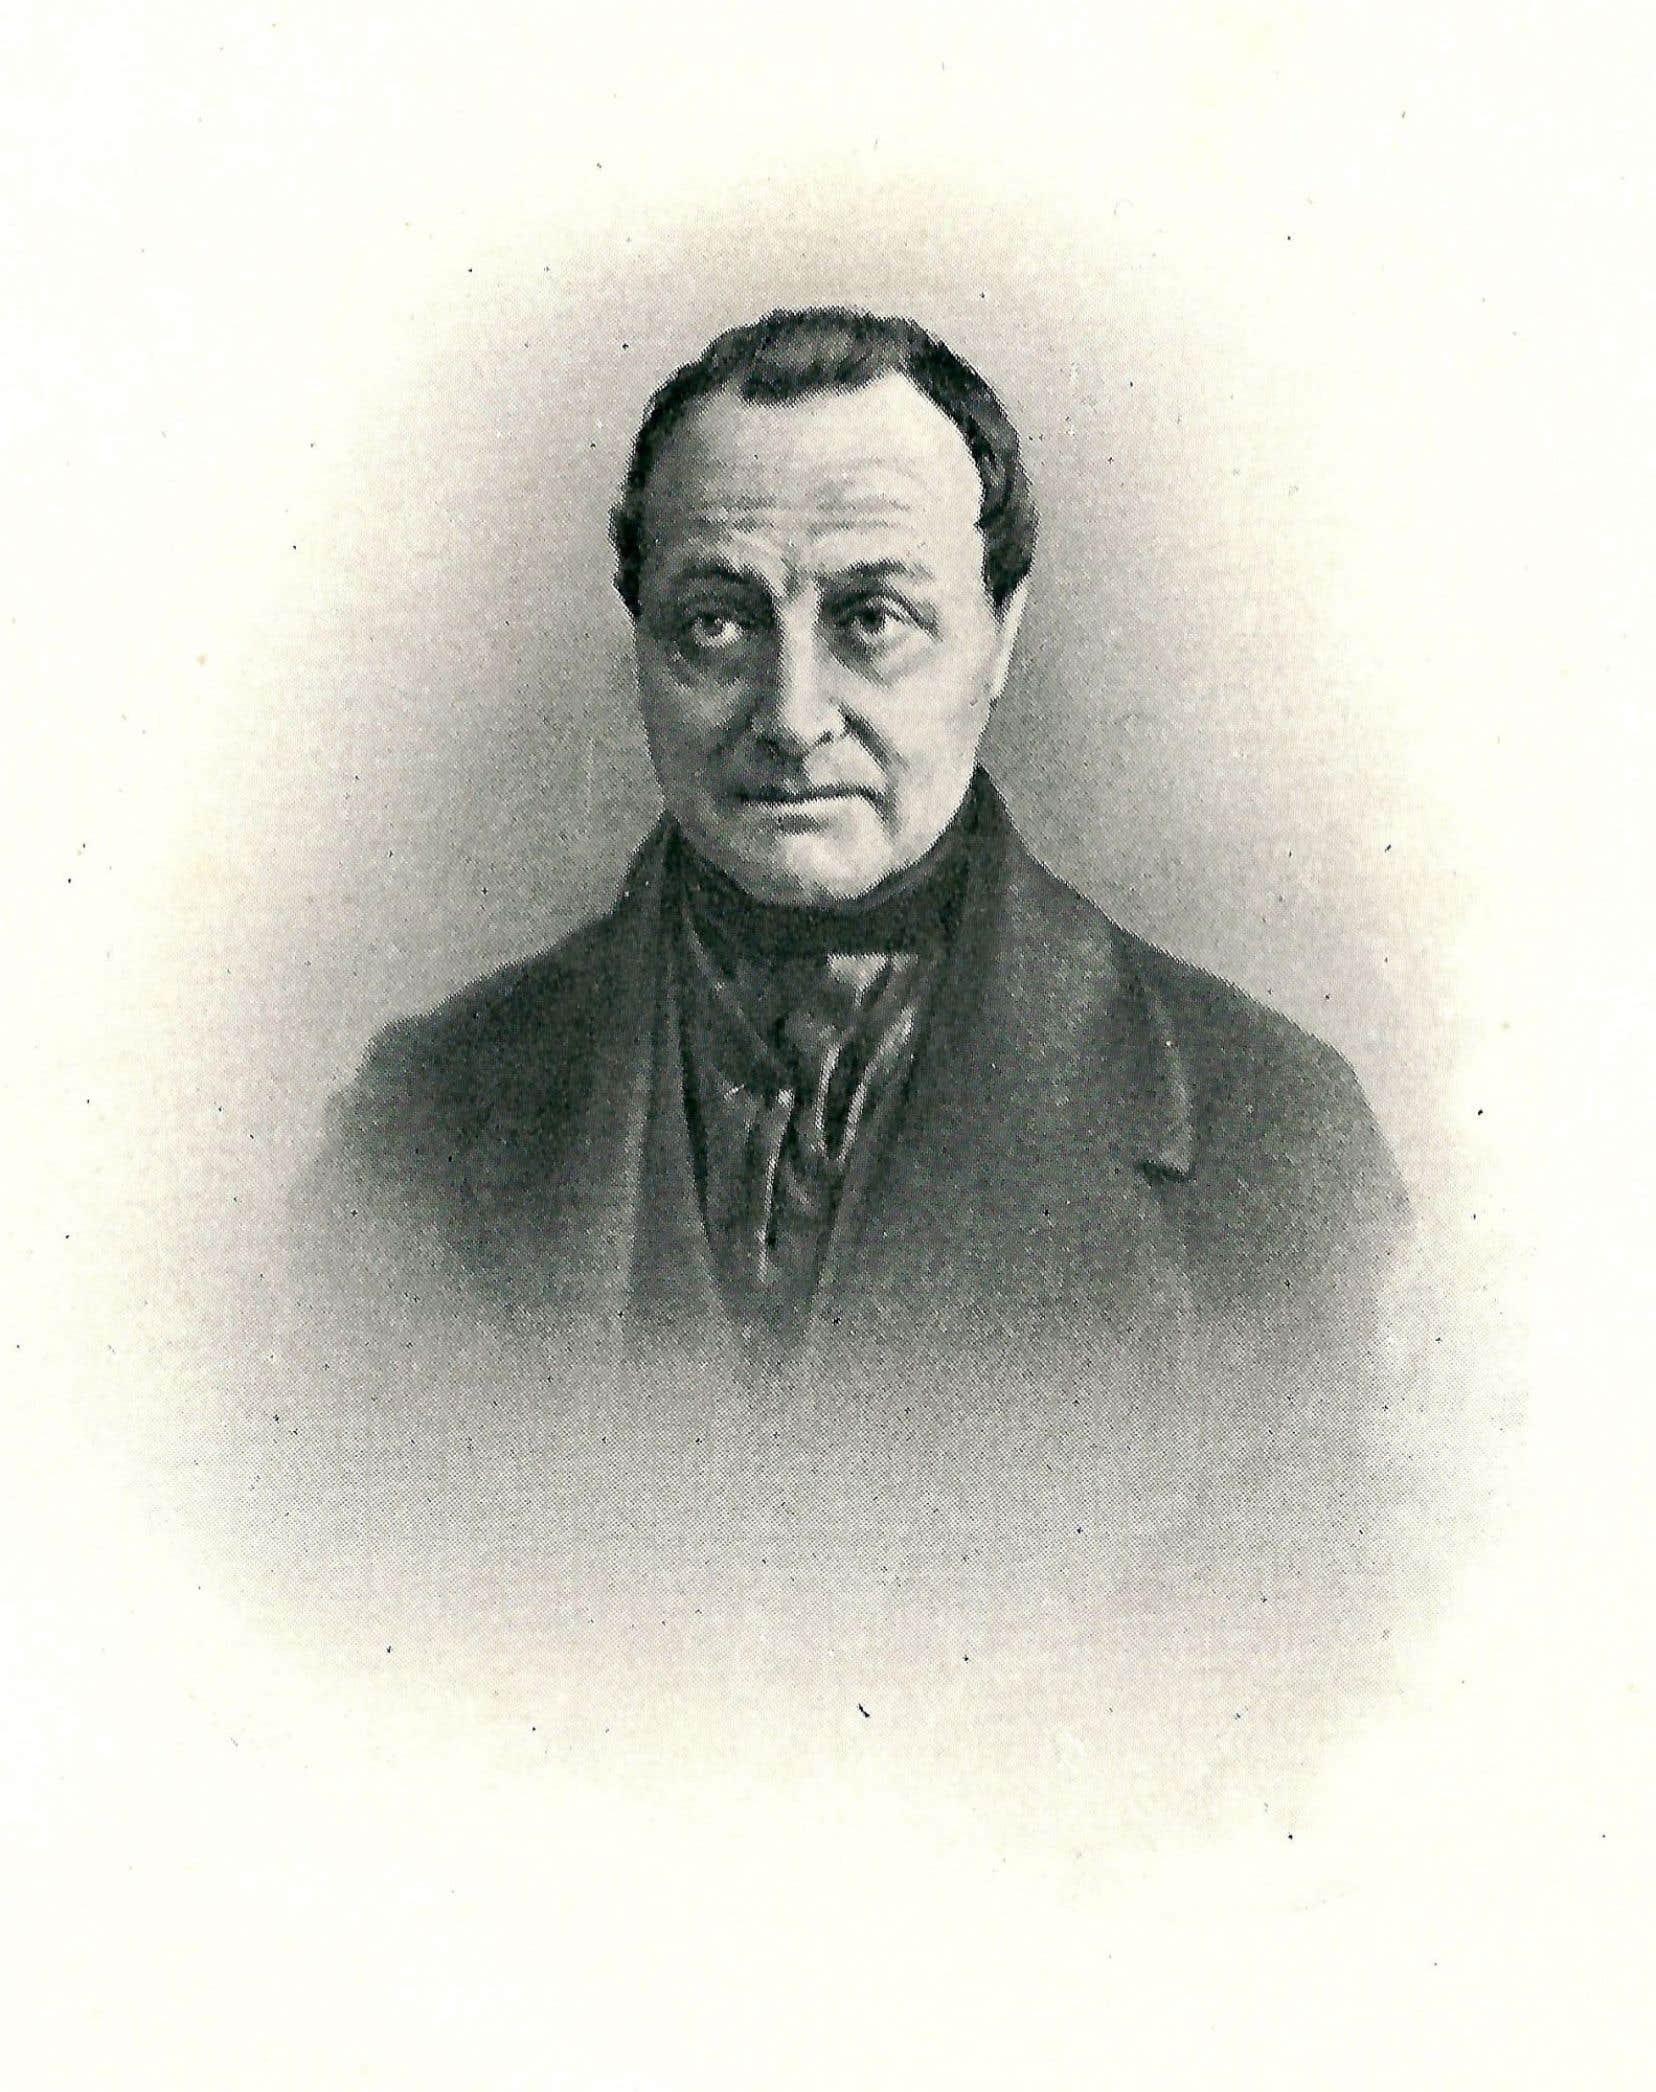 Pour Auguste Comte, philosophe, homme de science et «père» de la sociologie (1797-1857), l'humanité ne progresse pas de façon linéaire, mais par «oscillations» successives, faites d'avancées et de régressions.